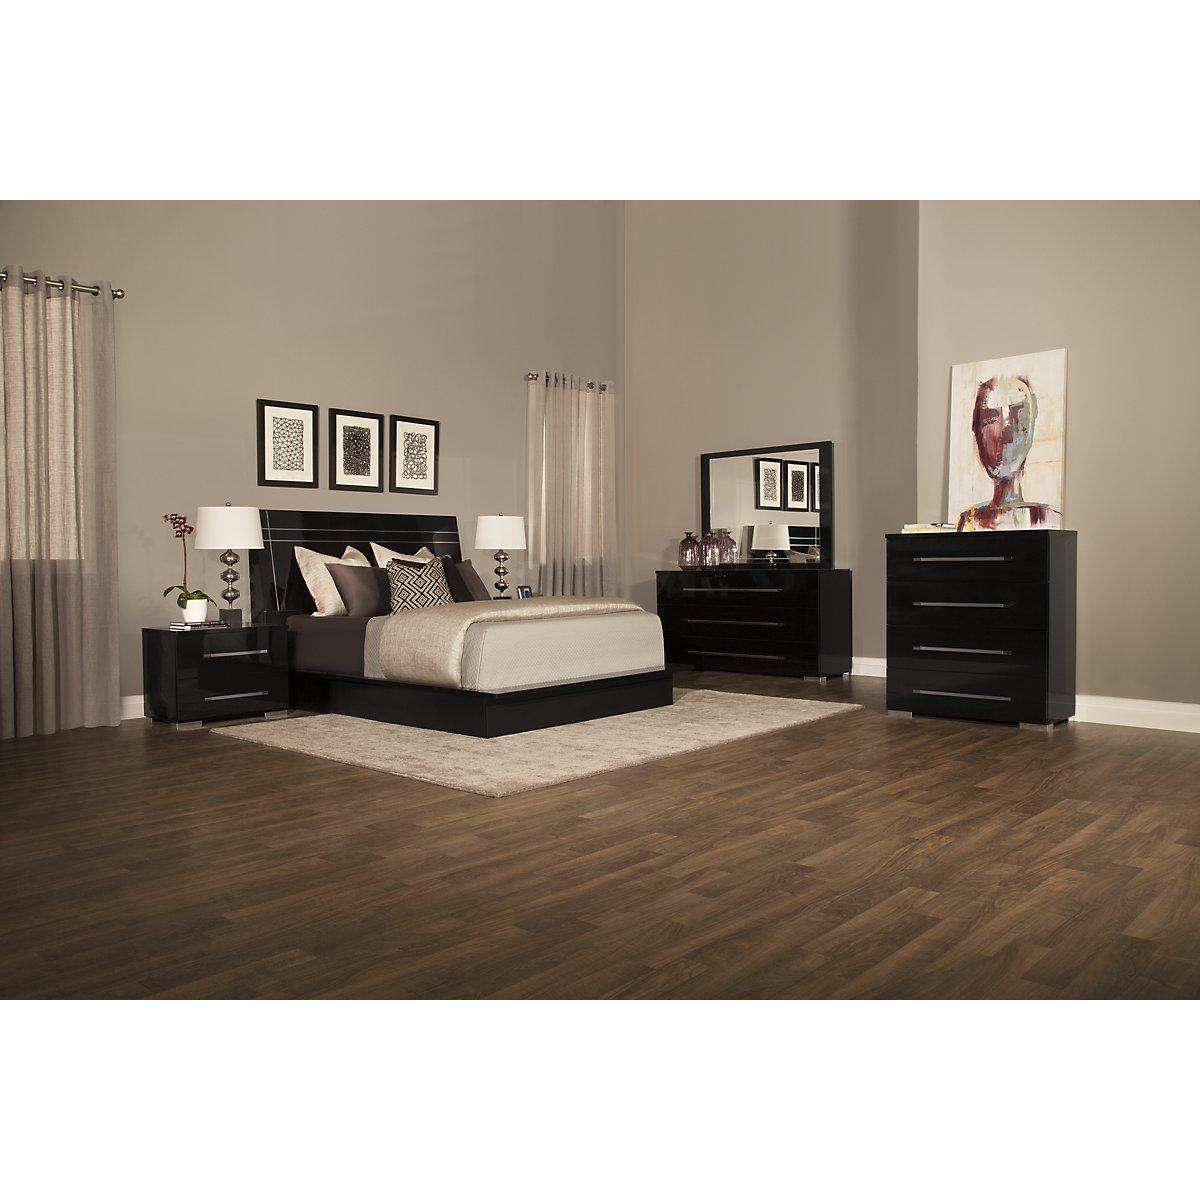 City Furniture: Dimora3 Black Wood Platform Bed